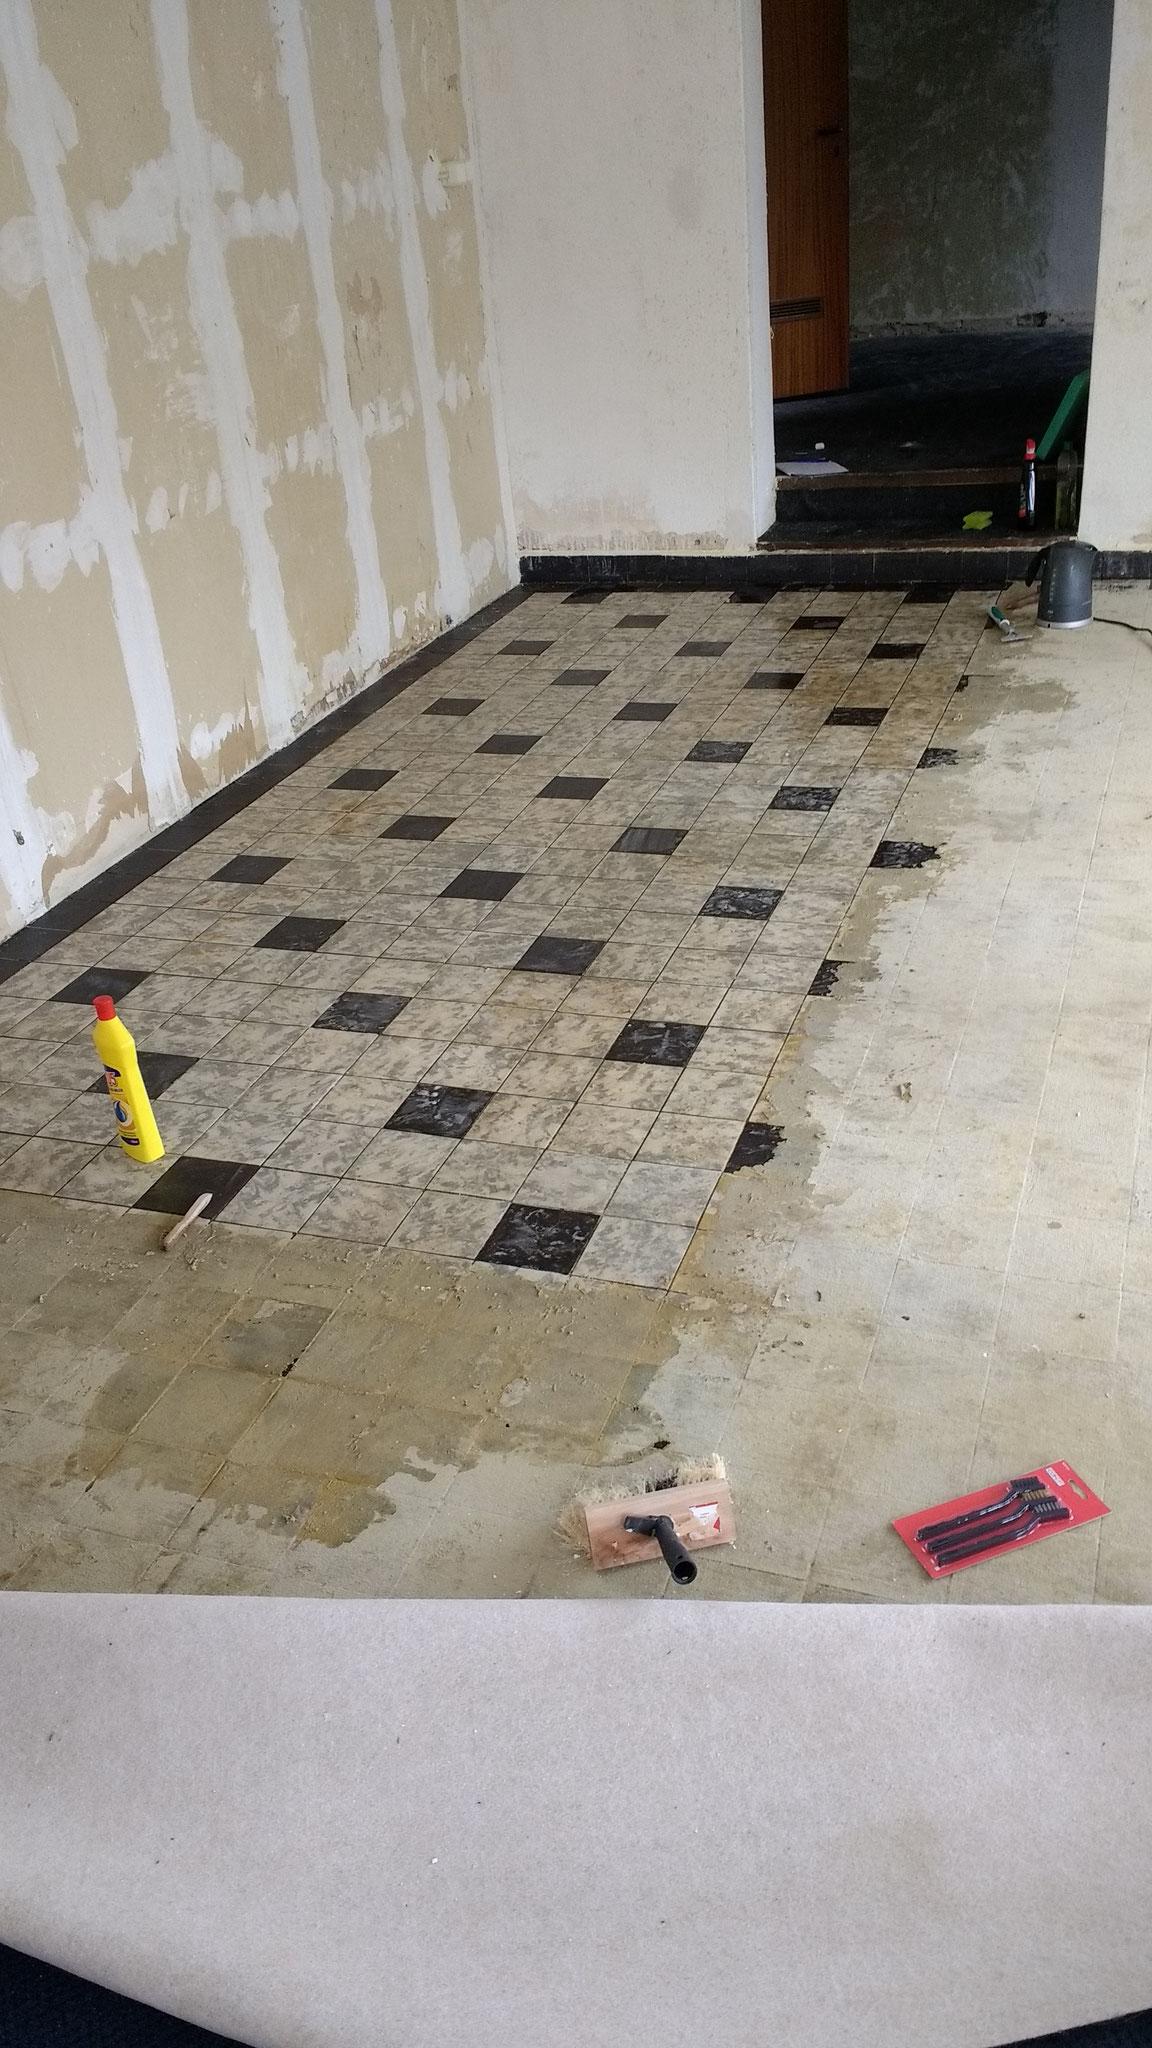 da ist er nun der vollverklebte Teppich auf 50m²... nach 4 Stunden waren 2 m² frei. Und ich knülle. Es muss eine andere Technik her und zwar schnell